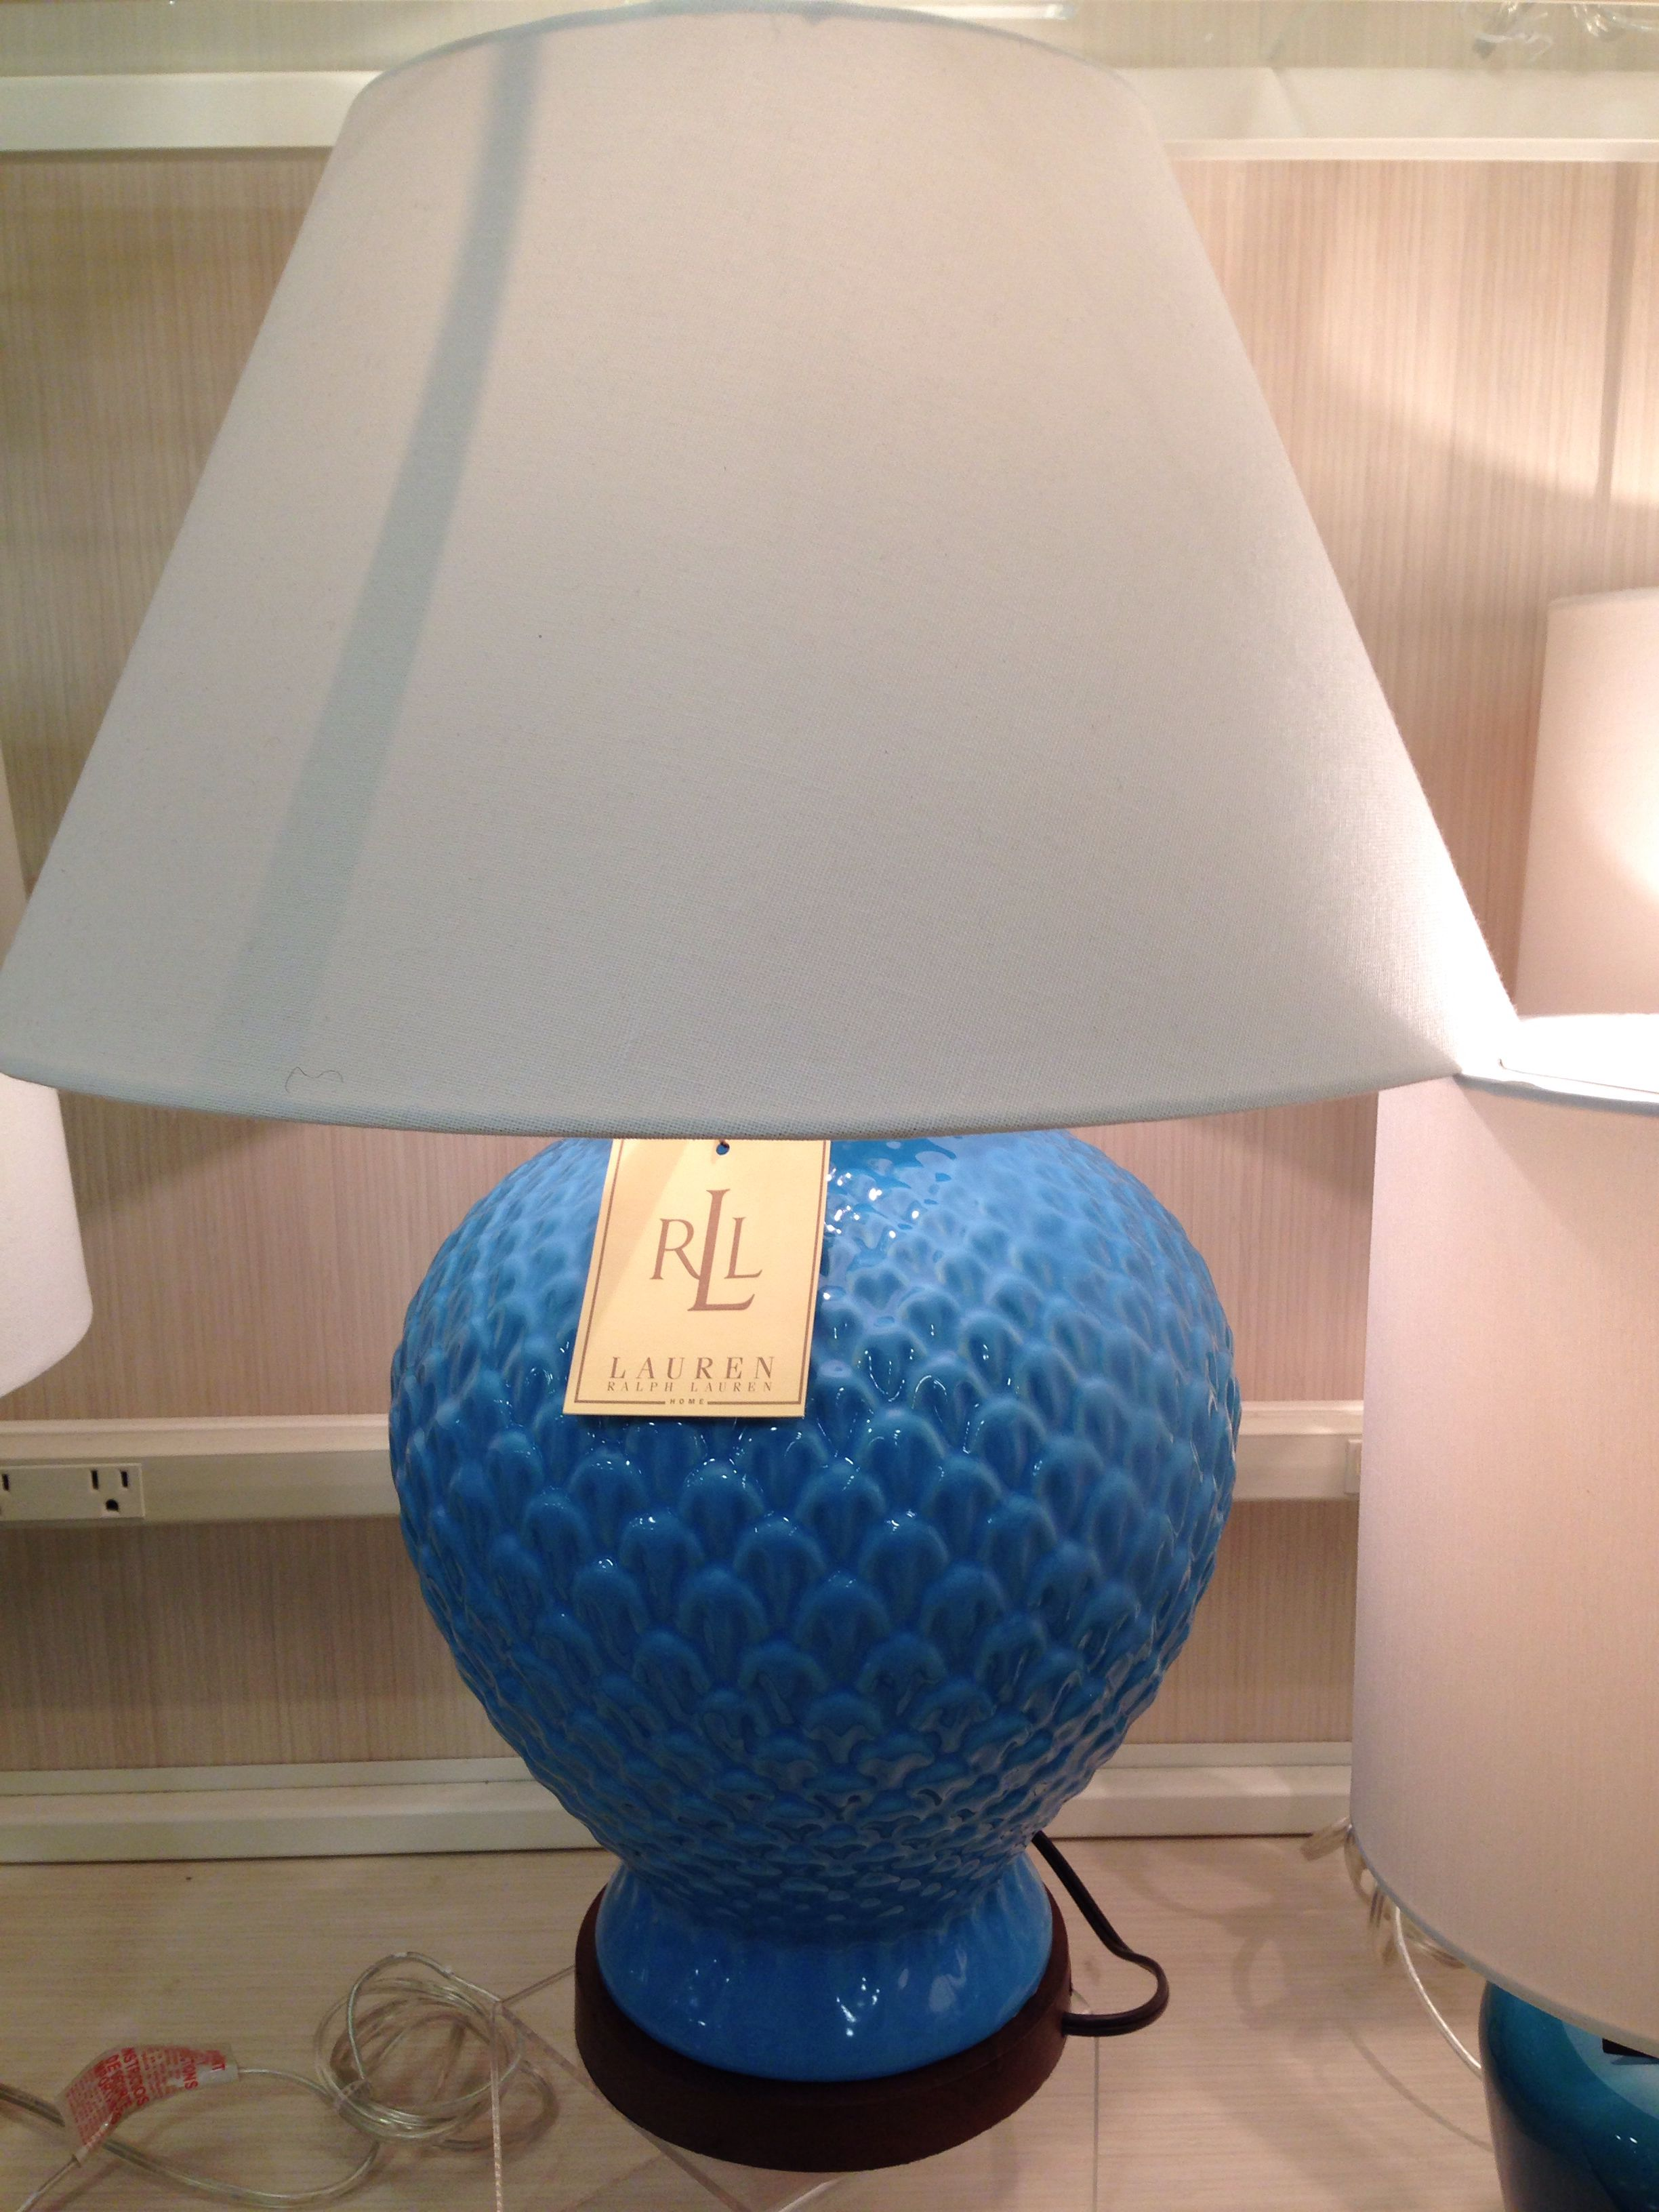 Ralph Lauren Lamp Table Lamp Lamp Beautiful Lamp